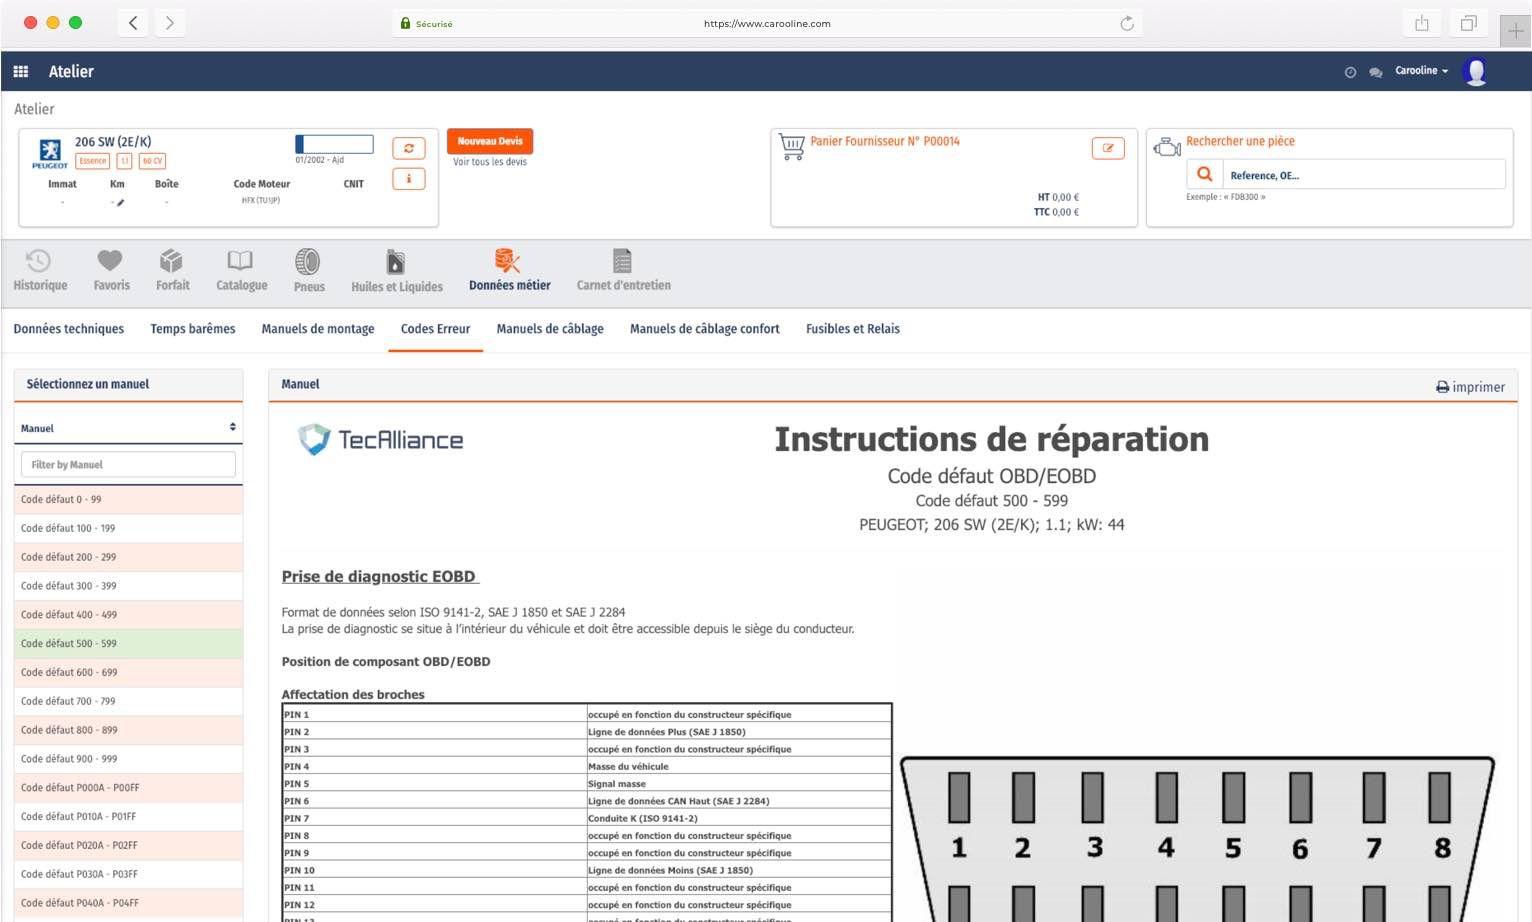 Carooline - Instructions de réparation codes erreurs